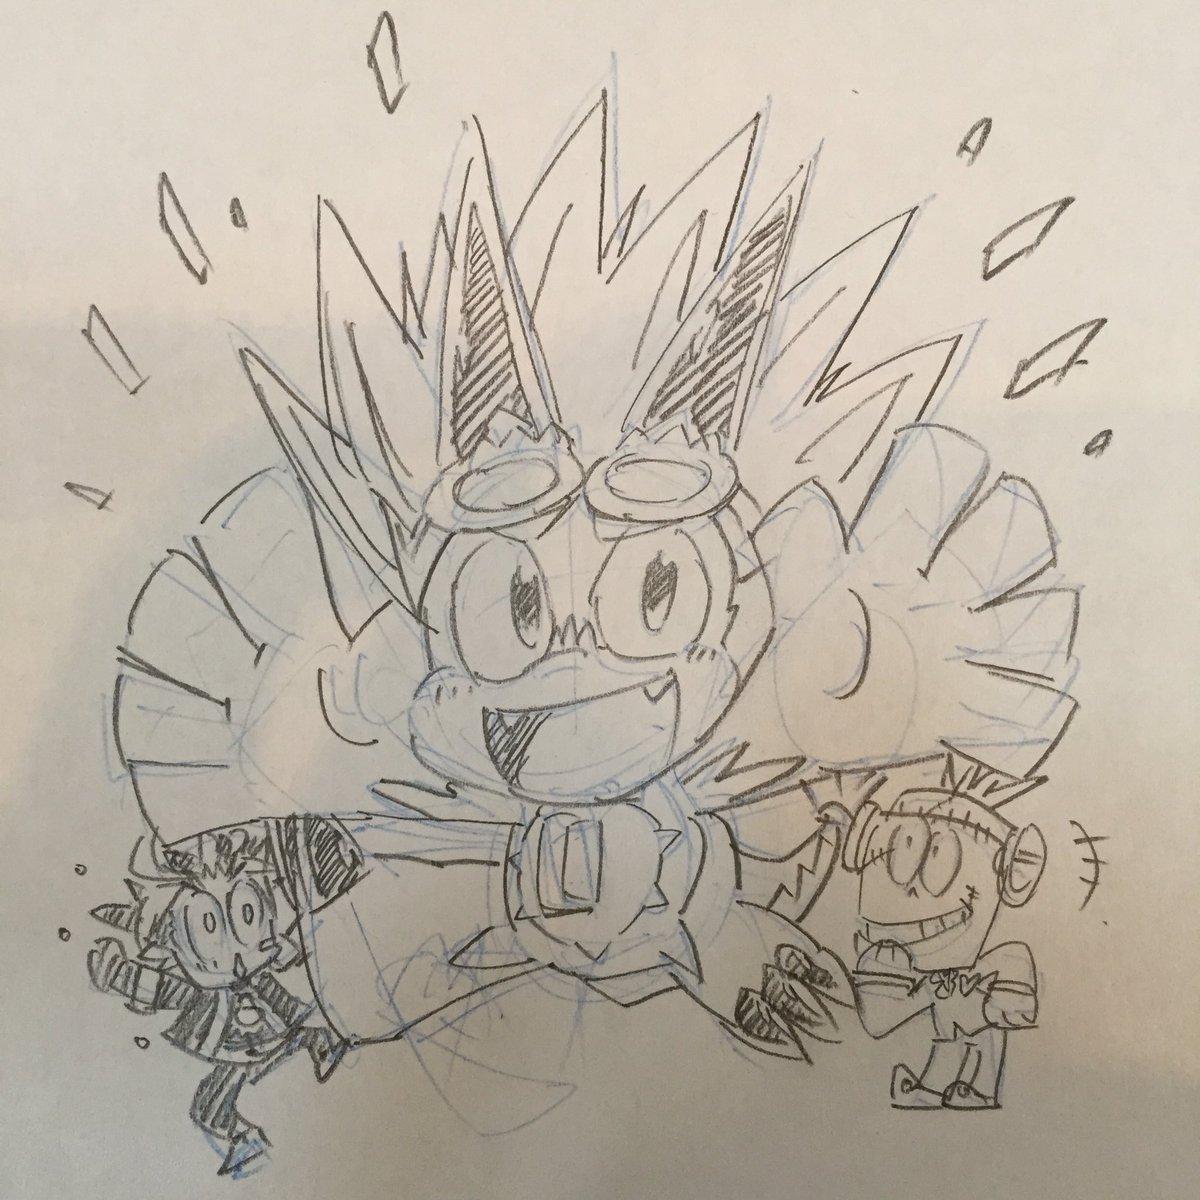 はじまるよー!アニメ、バディファイトDDDよろしくお願いします。